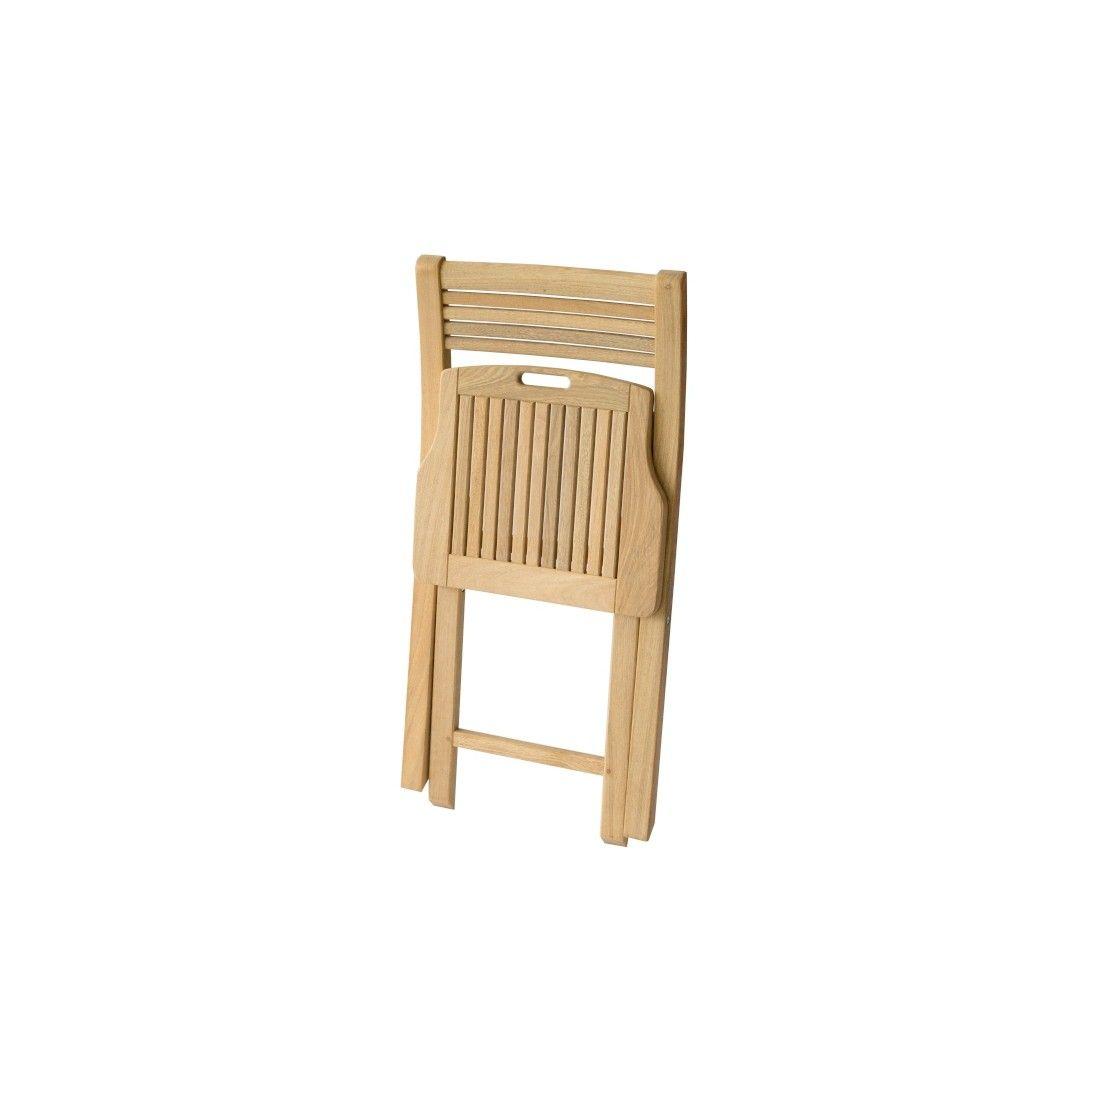 Chaise de jardin pliante en bois de roble, robuste